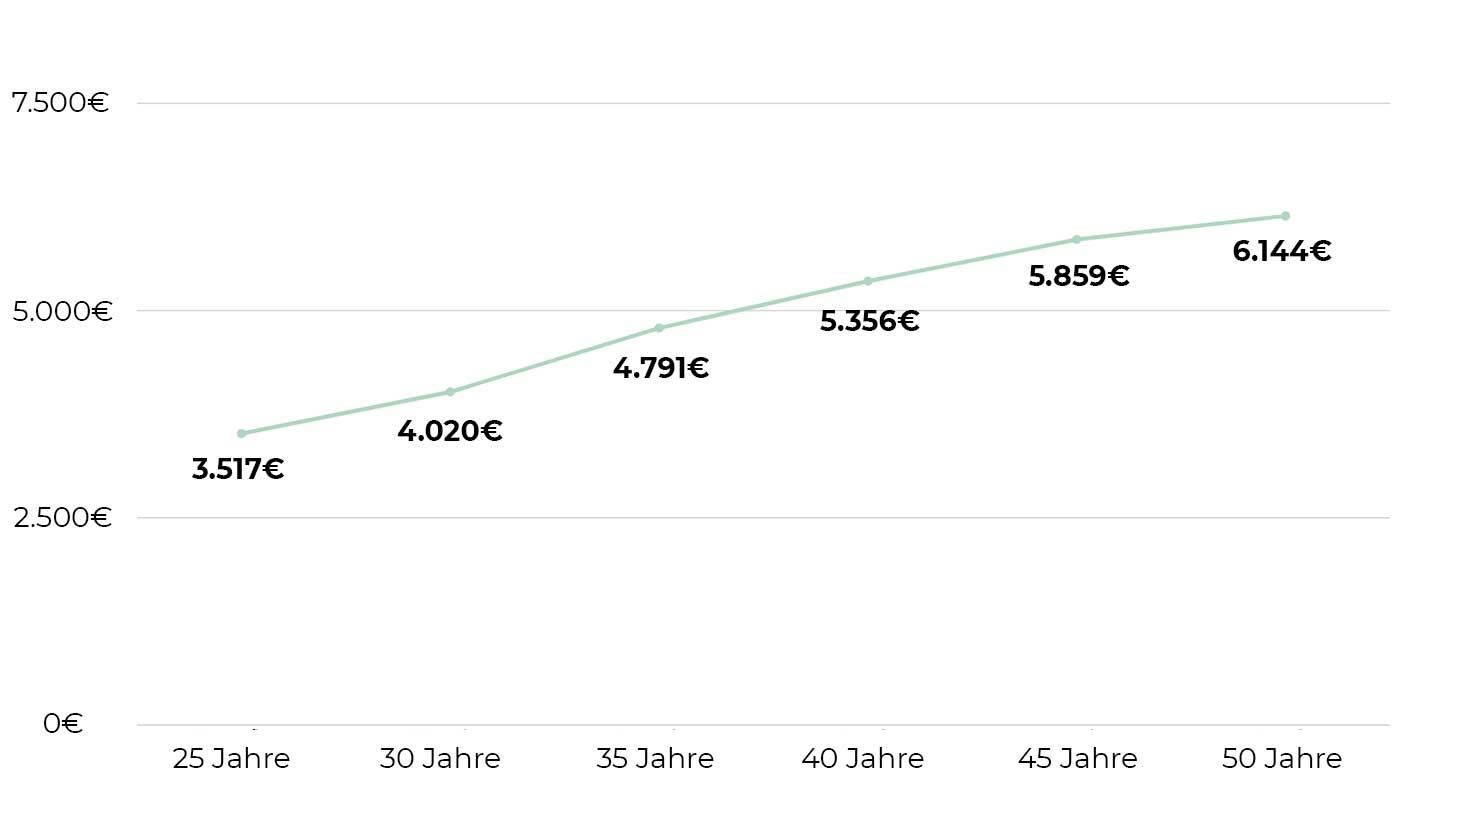 Was verdient ein PM? Das Durchschnittsgehalt von Produktmanagern in Deutschland nach Alter rangiert von 3.517€ bis 6.144€